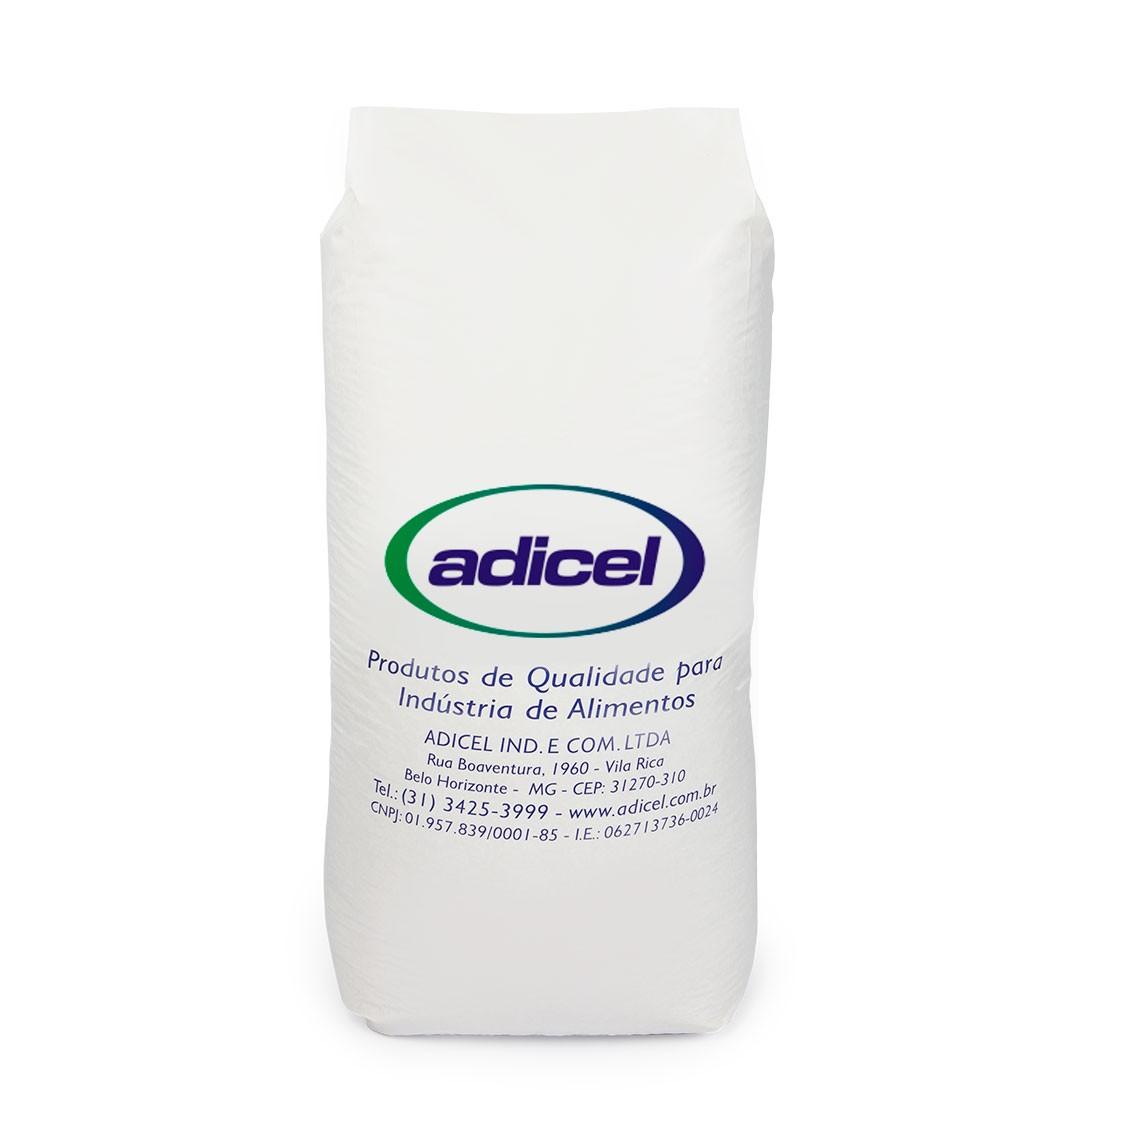 Cacau Em Pó Alcalino 8% Fralía Adicel - 25 Kg